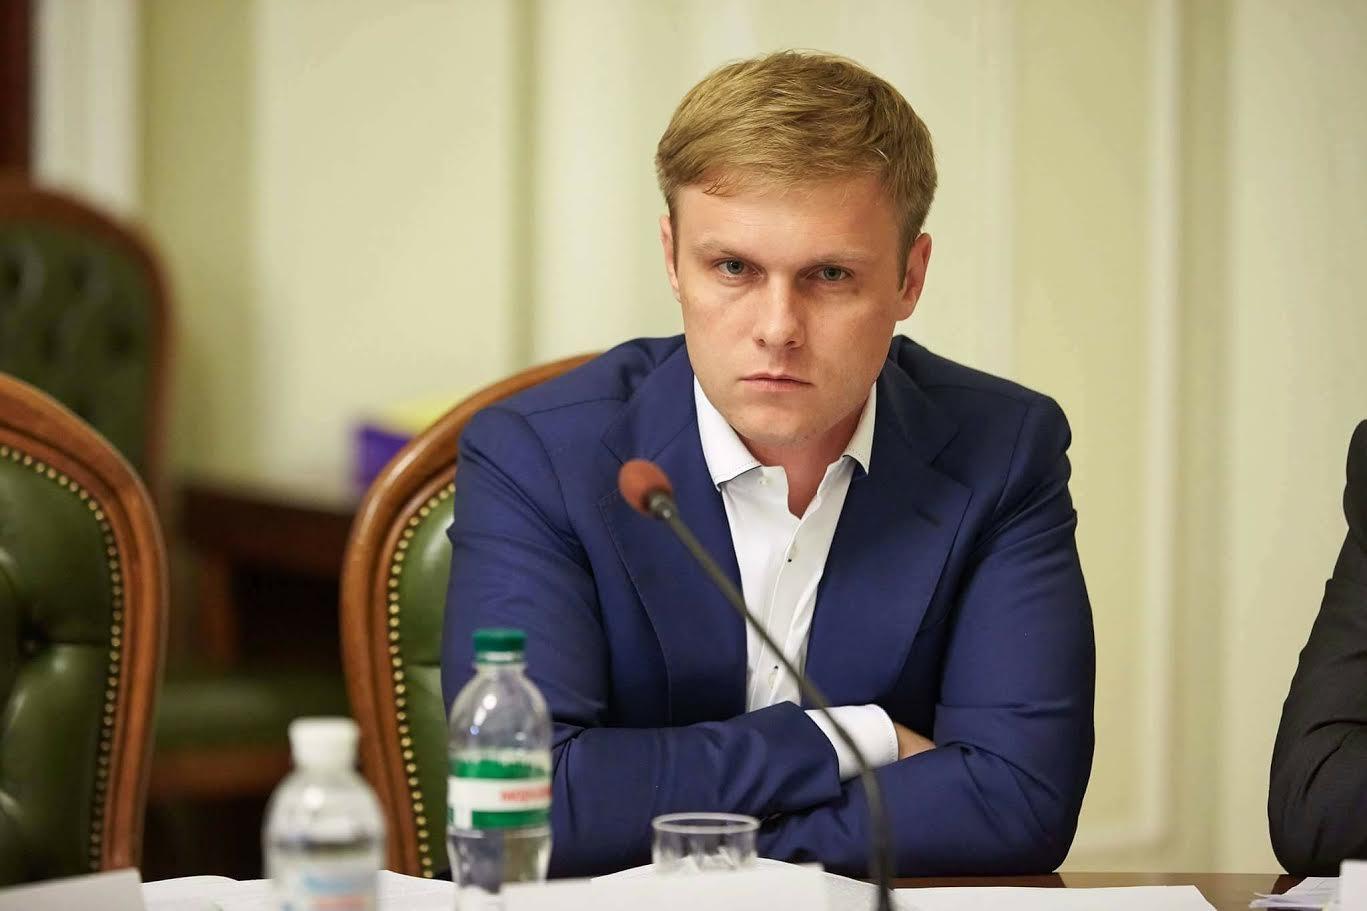 Листопадові акції в Києві профінансовані Кремлем, – Лунченко